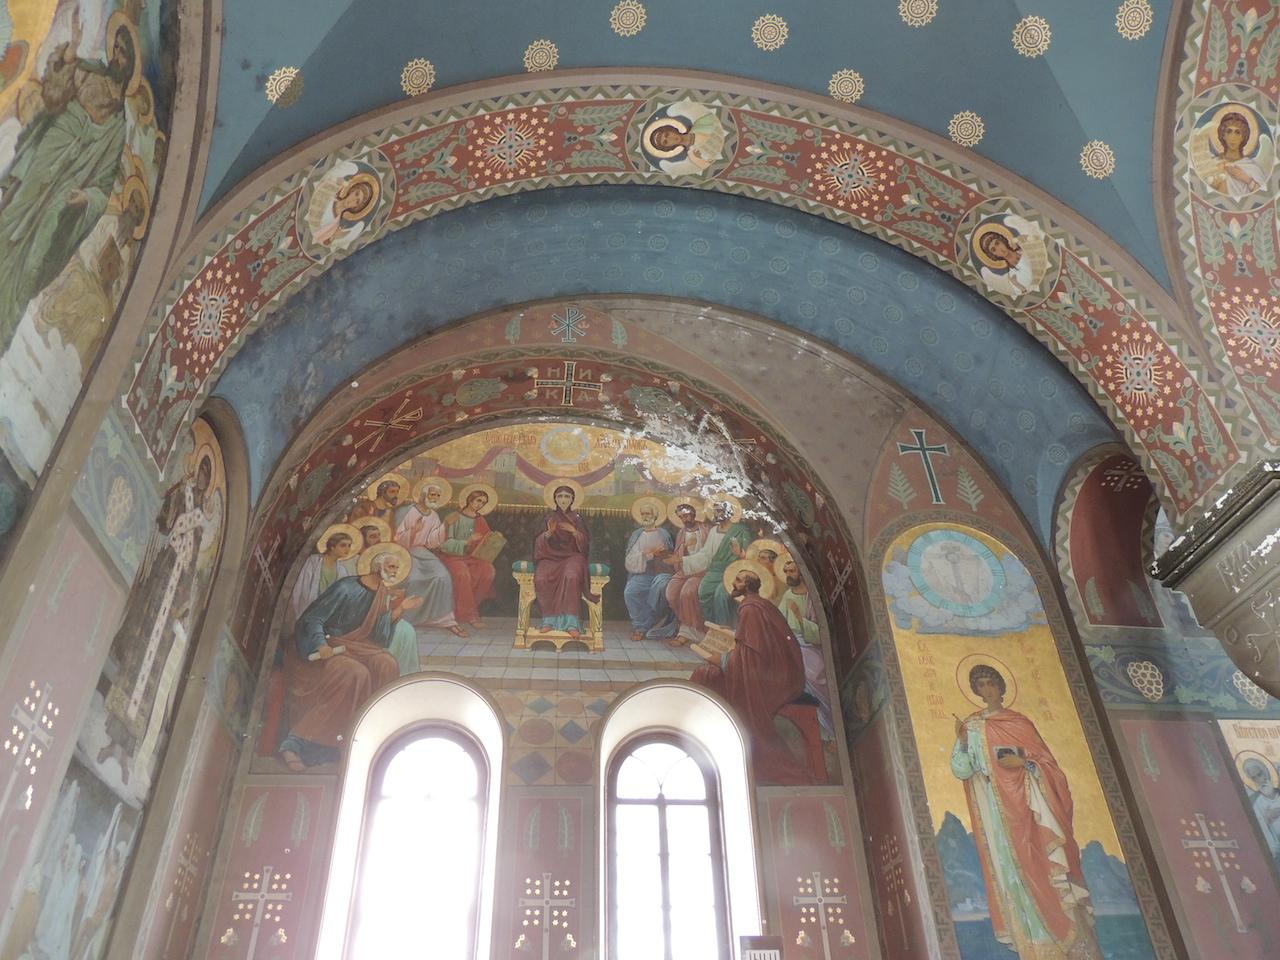 Абхазия Новоафонский монастырь Храм 14 марта 2015 г., 15-51.JPG